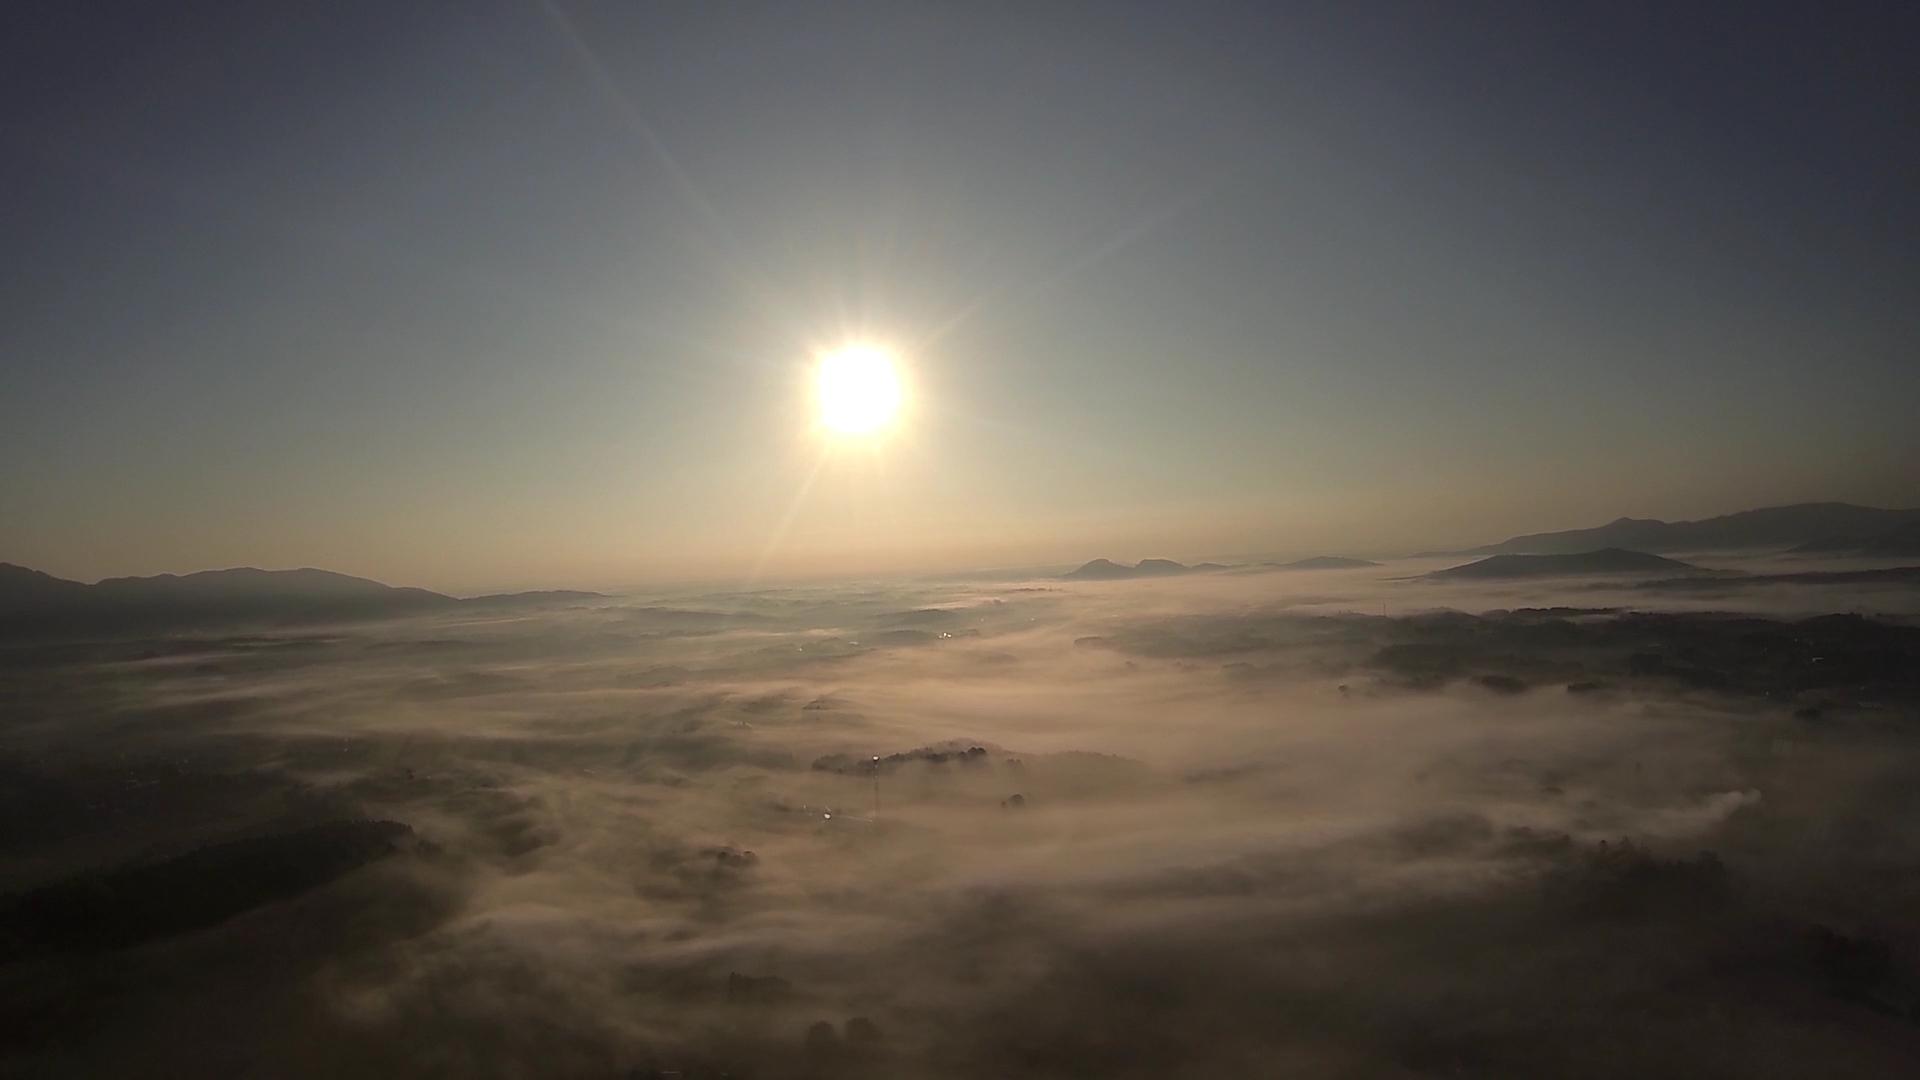 ハンググライダー日本代表選手・鈴木由路が語る空の魅力vol7【感動の階段】